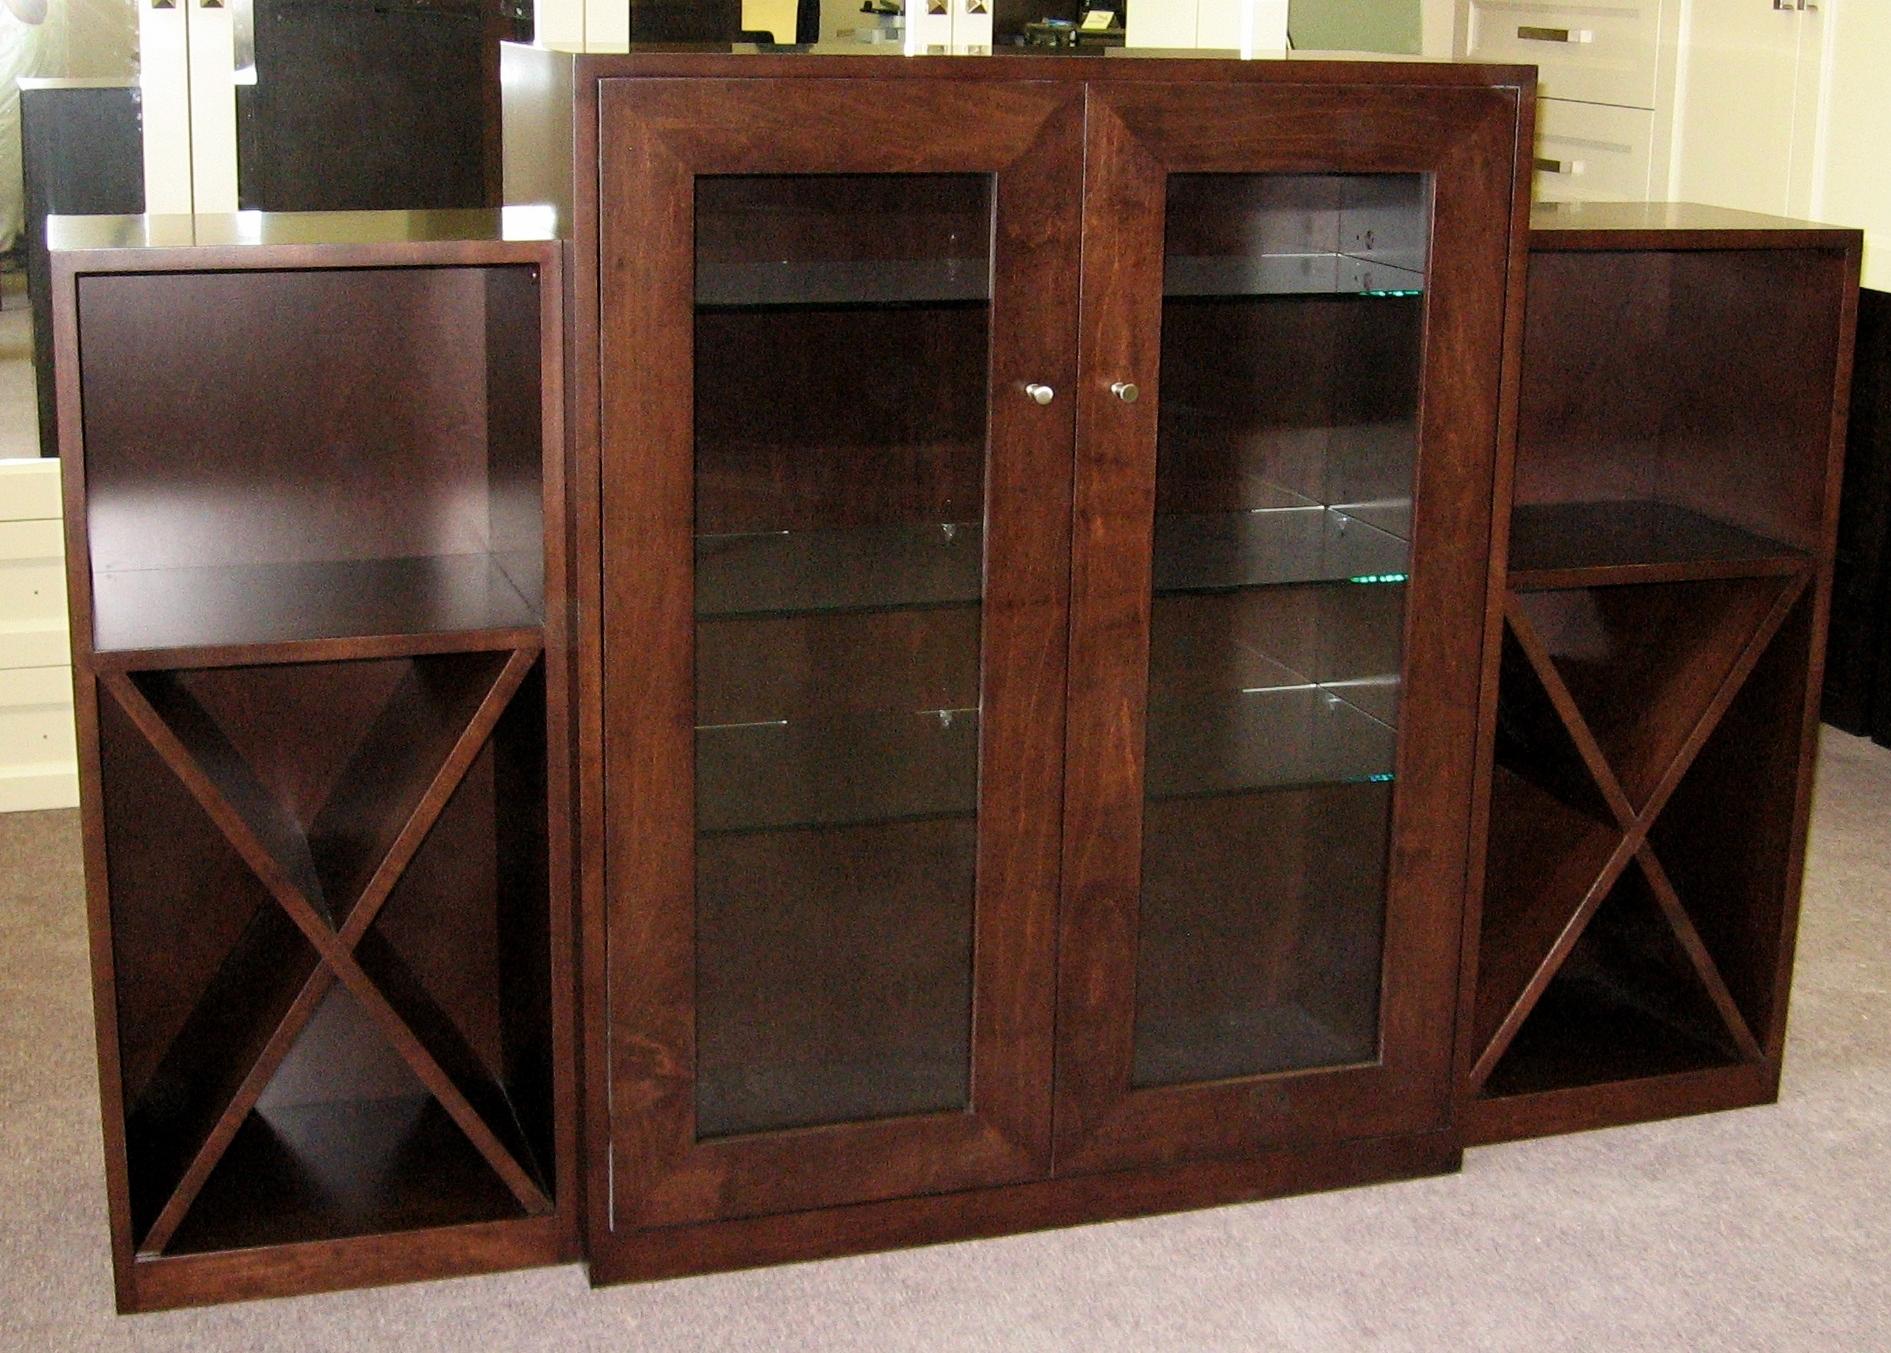 glass-door-display-cabinet-with-open-wine-storage.JPG